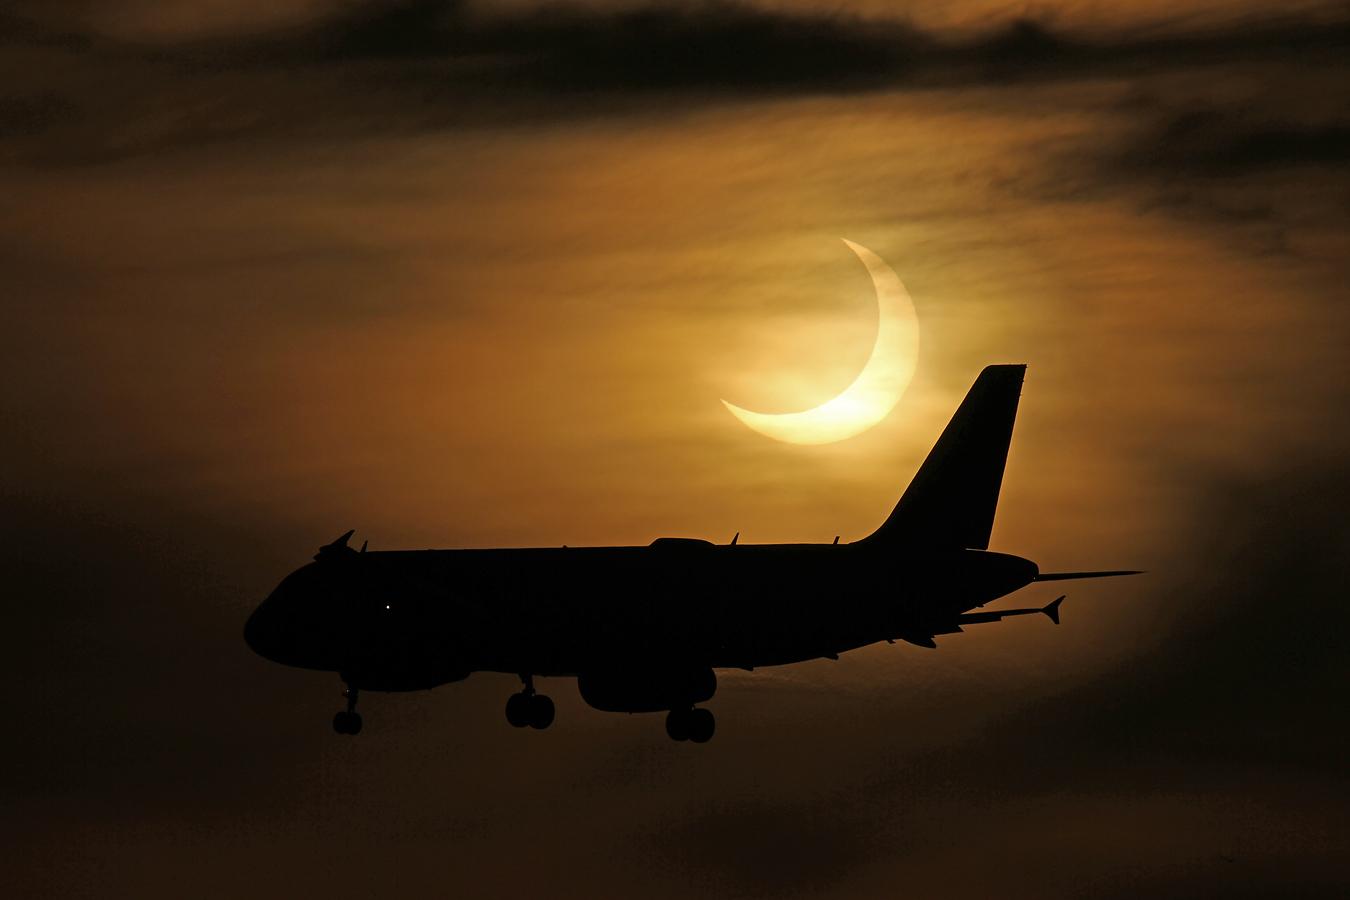 Un avion vole devant le soleil partiellement éclipsé sur cette superbe photo des photographes Imelda Joson et Edwin Aguirre au Black Falcon Cruise Ship Terminal à Boston le 10 juin 2021.